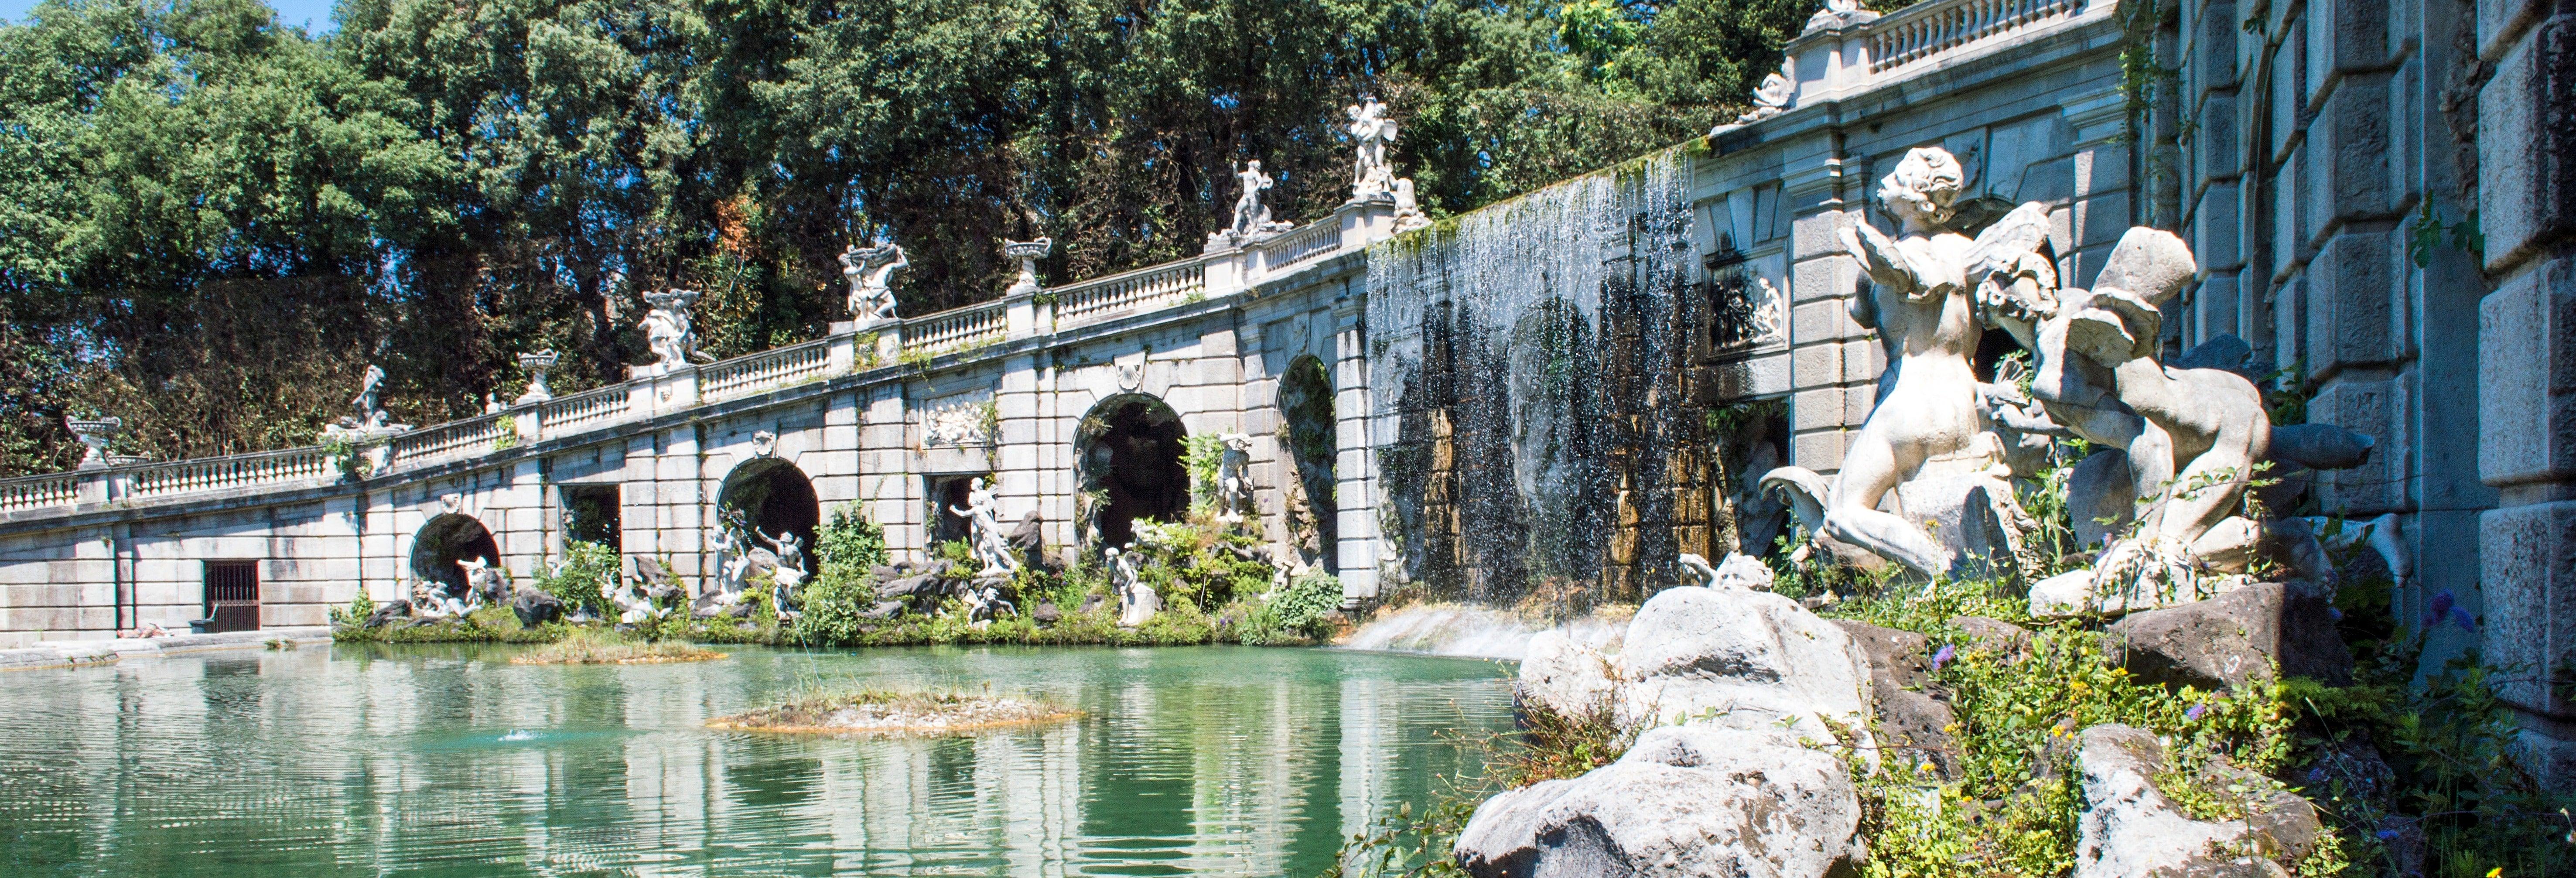 Excursión al Palacio Real de Caserta